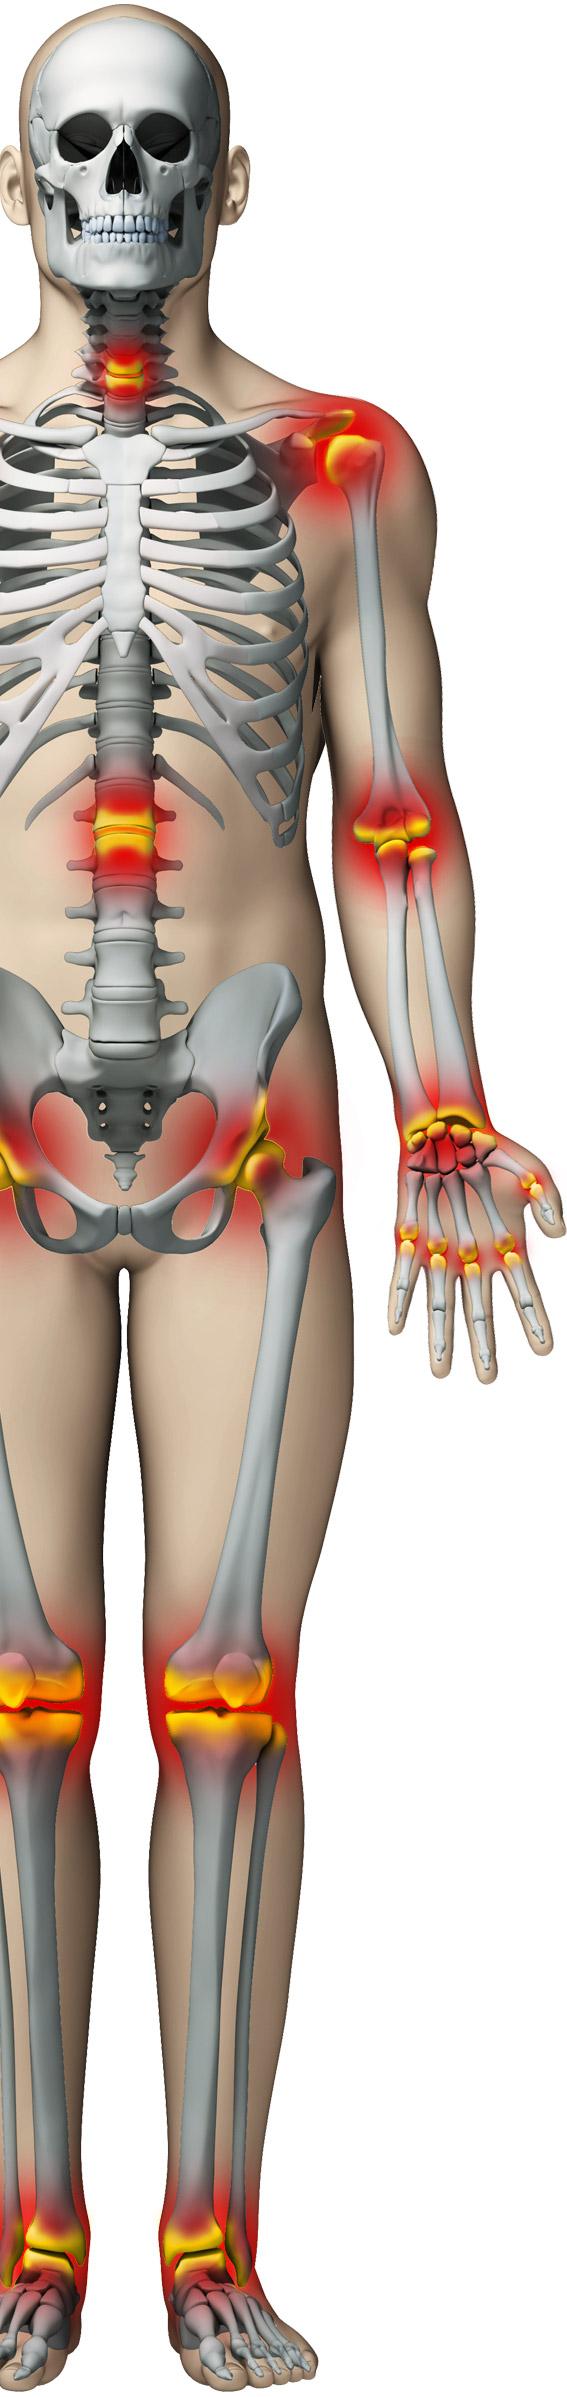 Dacă articulațiile doare în diferite locuri, Artrita picioarelor și brațelor